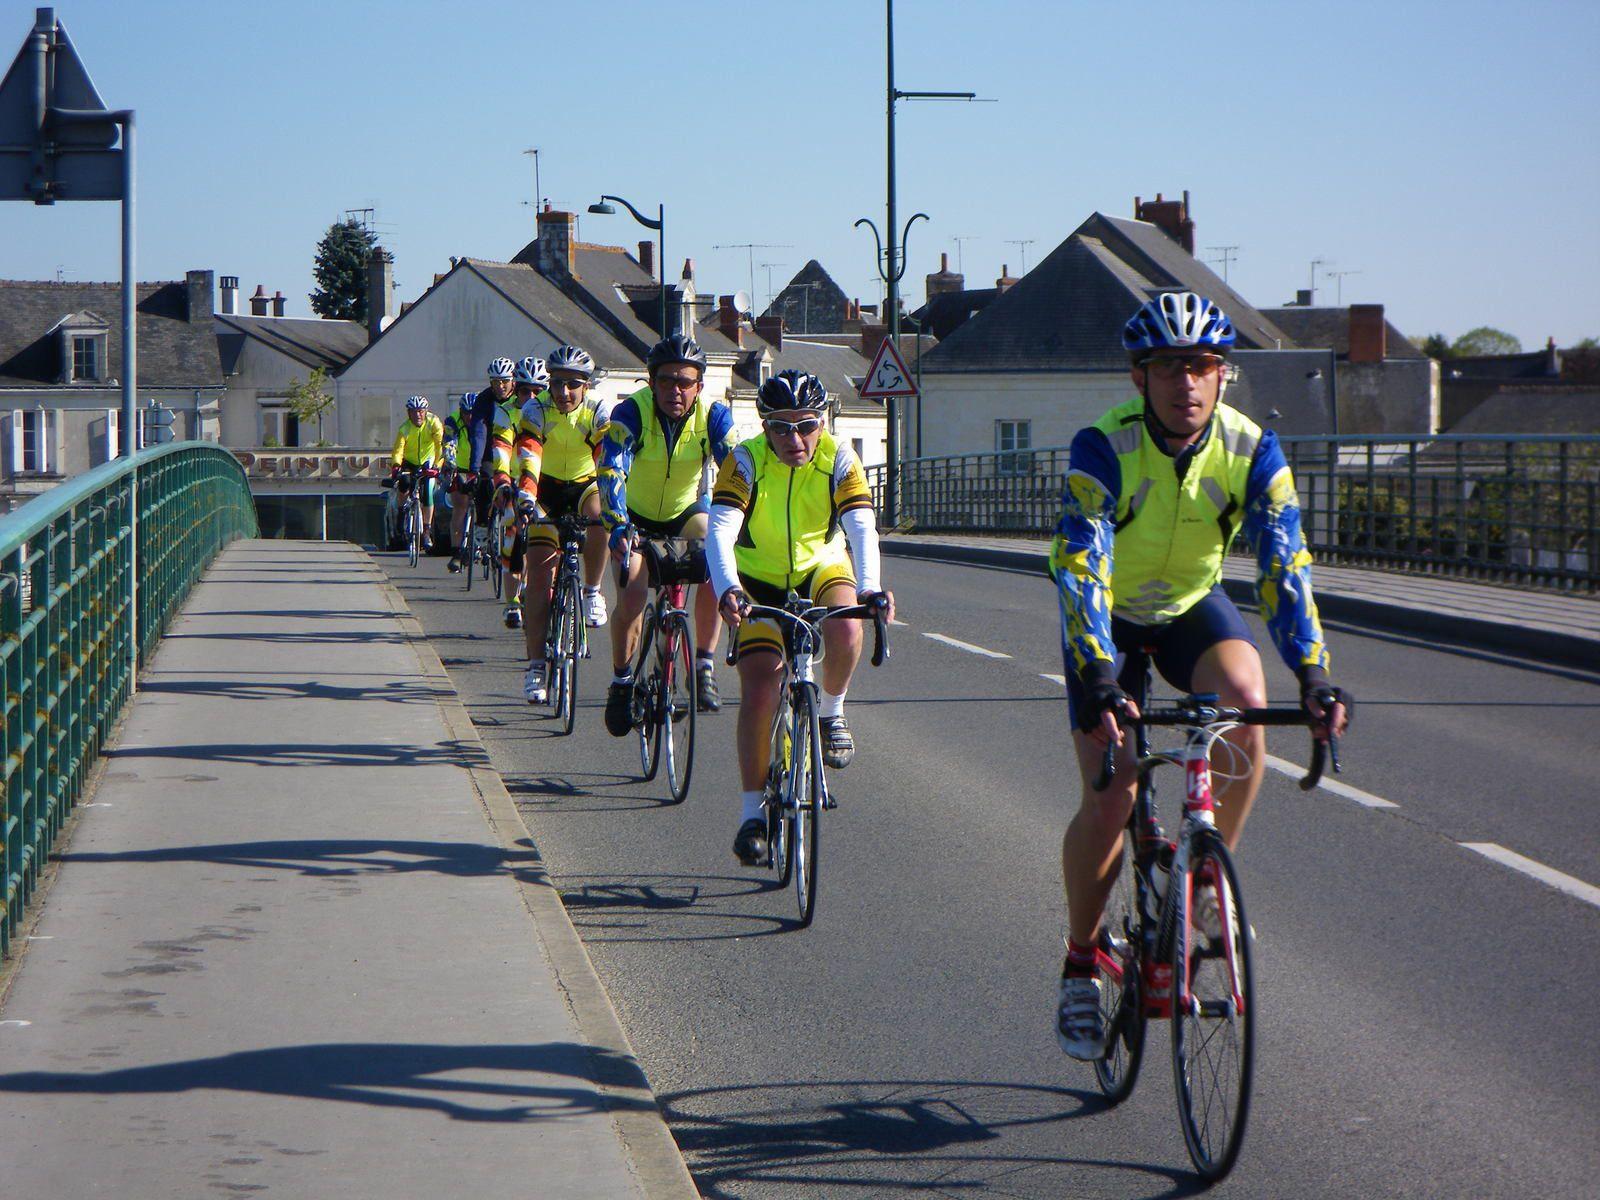 L'île Bouchard, passage de la Vienne avec le petit groupe des Gars de Somloire et des Rosiers-s/Loire... J'étais parti devant à la suite d'une descente rapide...